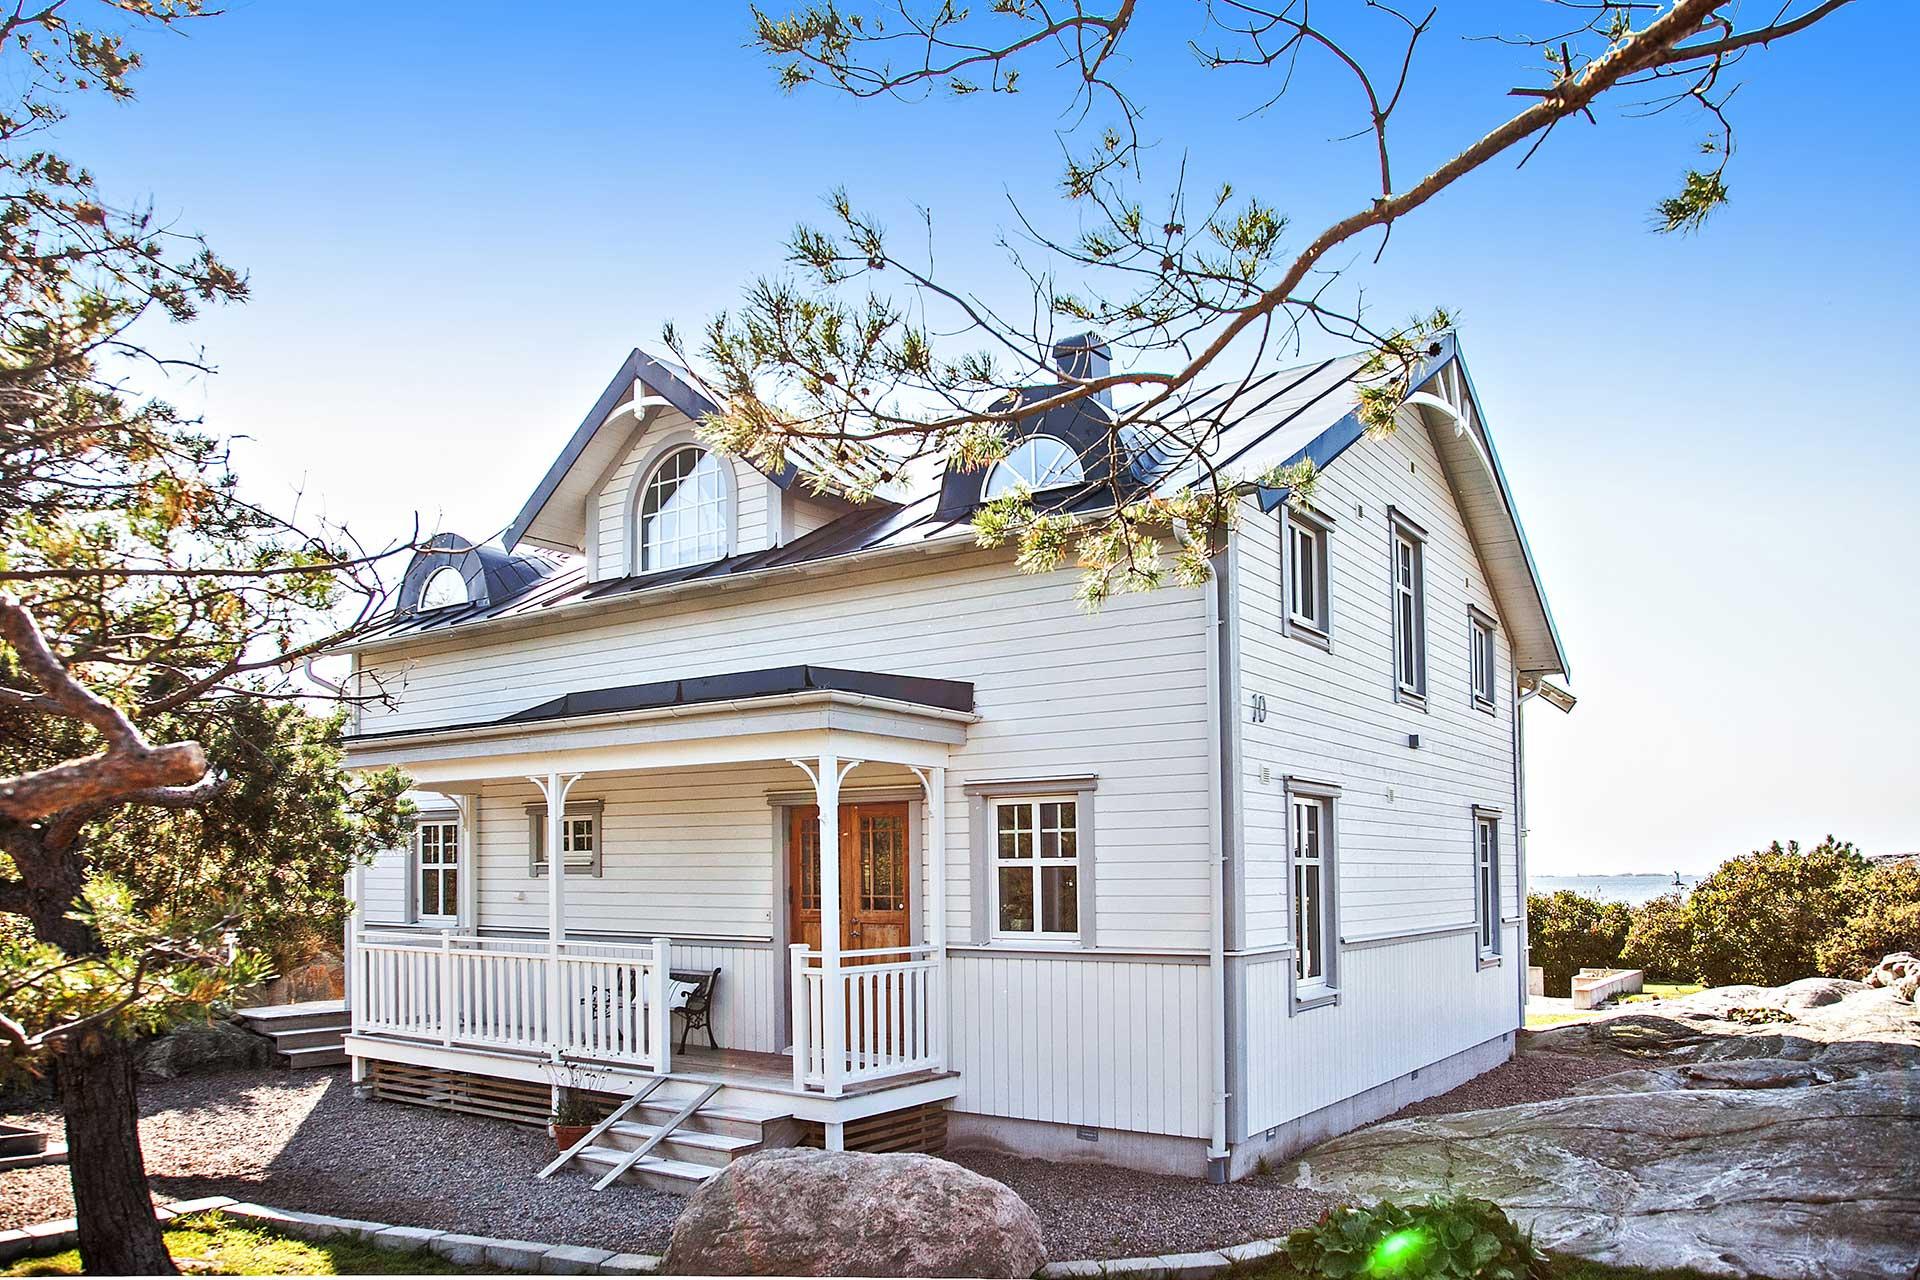 Kaptensvilla, bohuslänsk stil, trävilla sekelskifte. Nybyggnad, arkitektritad, Innerstadens arkitekter, arkitektkontor i Göteborg. Arkitekt Johan Engström.